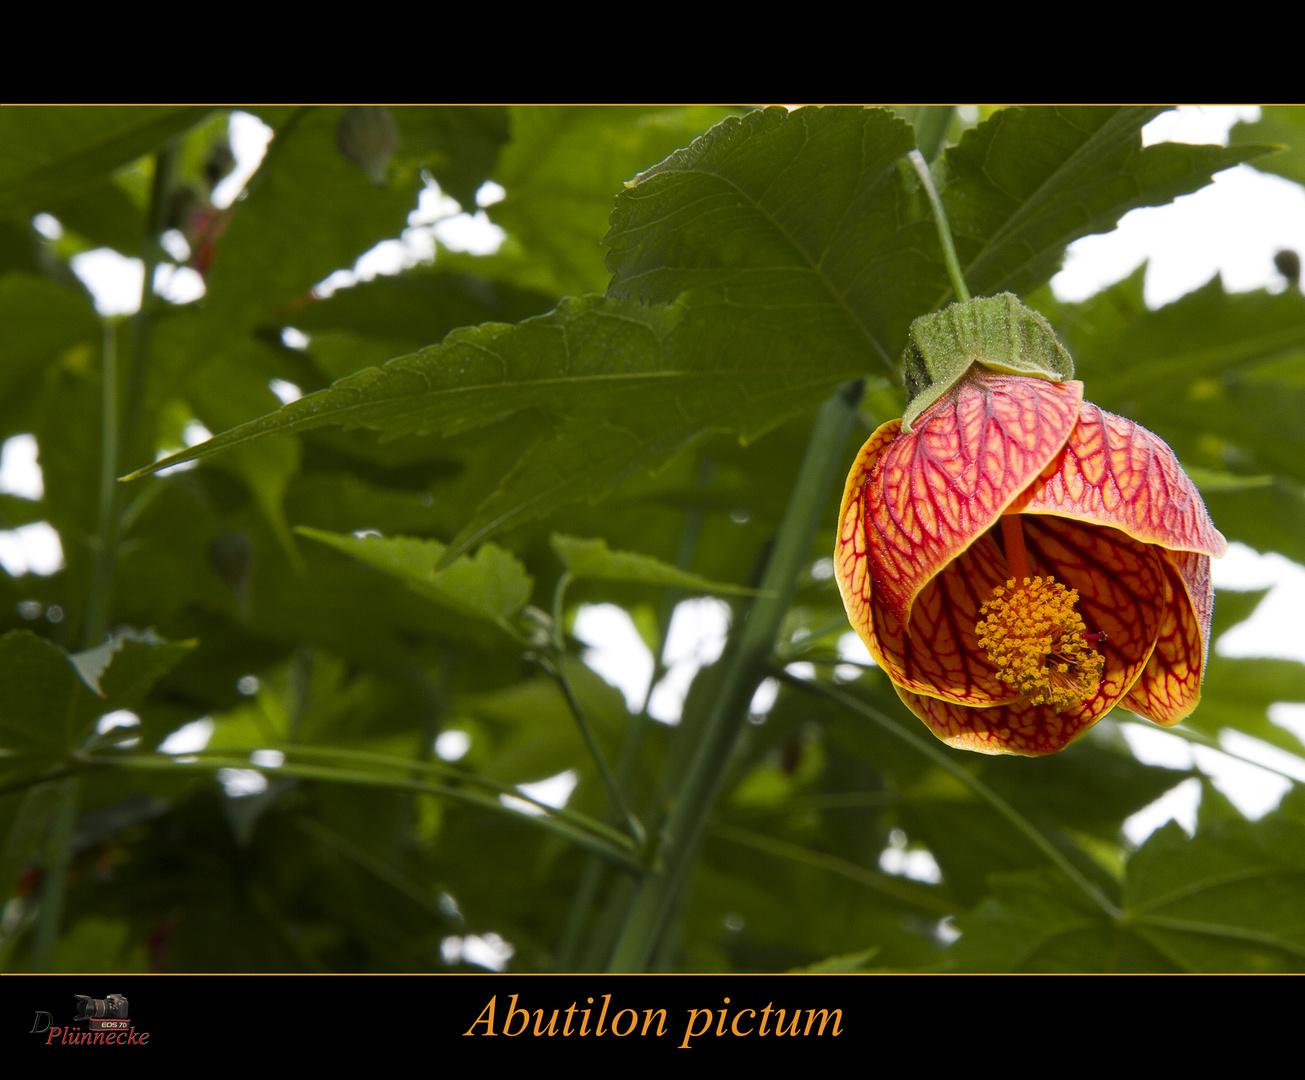 Abutilon pictum